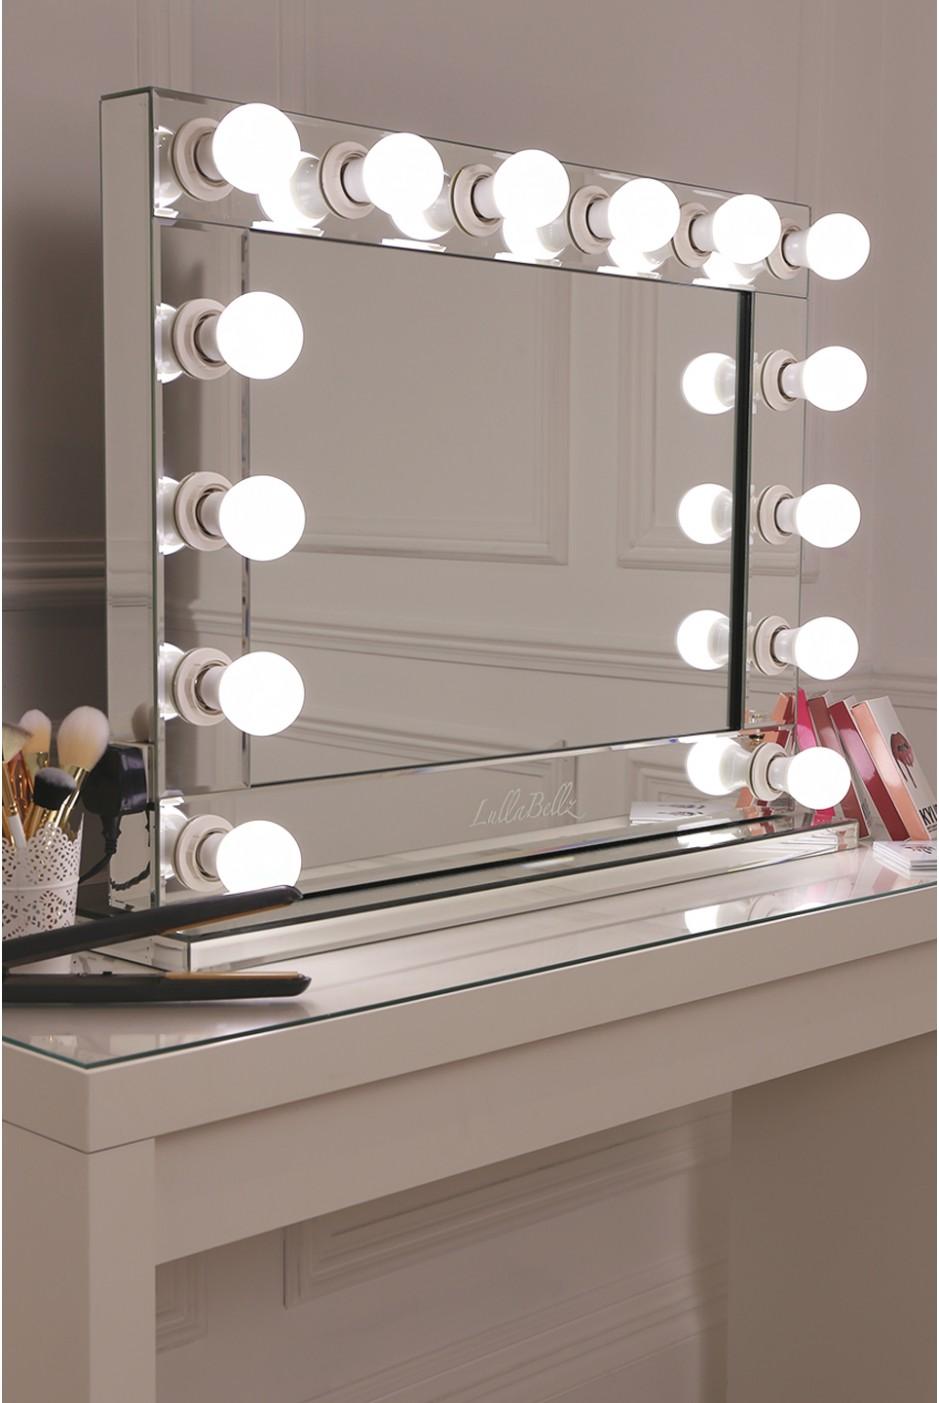 灯泡镜 好莱坞鏡 台式镜